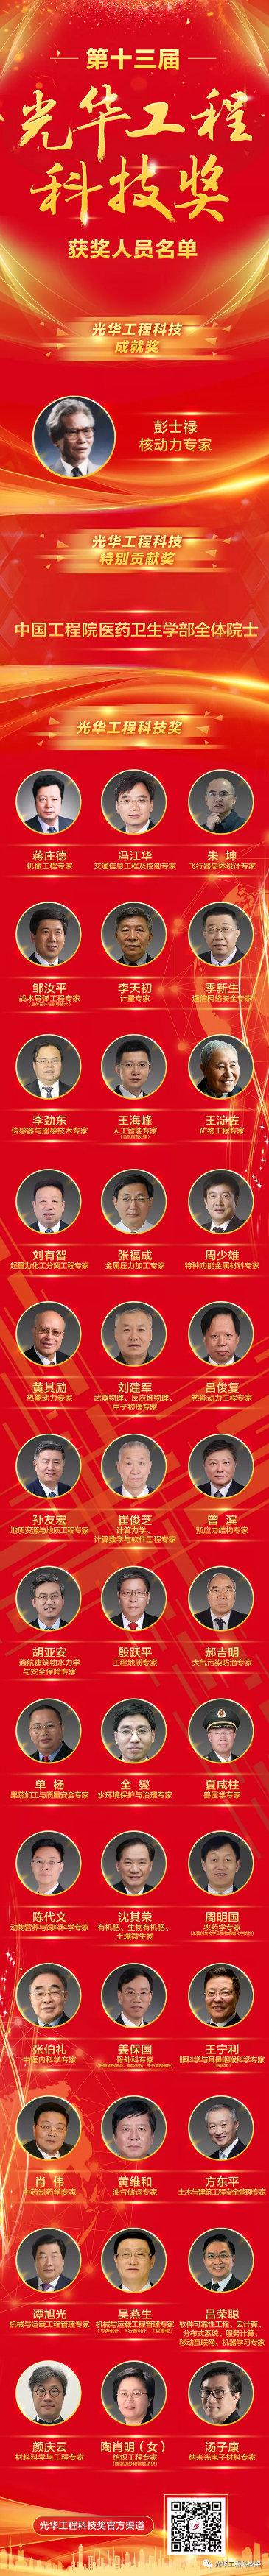 谭旭光等上榜第十三届光华工程科技奖